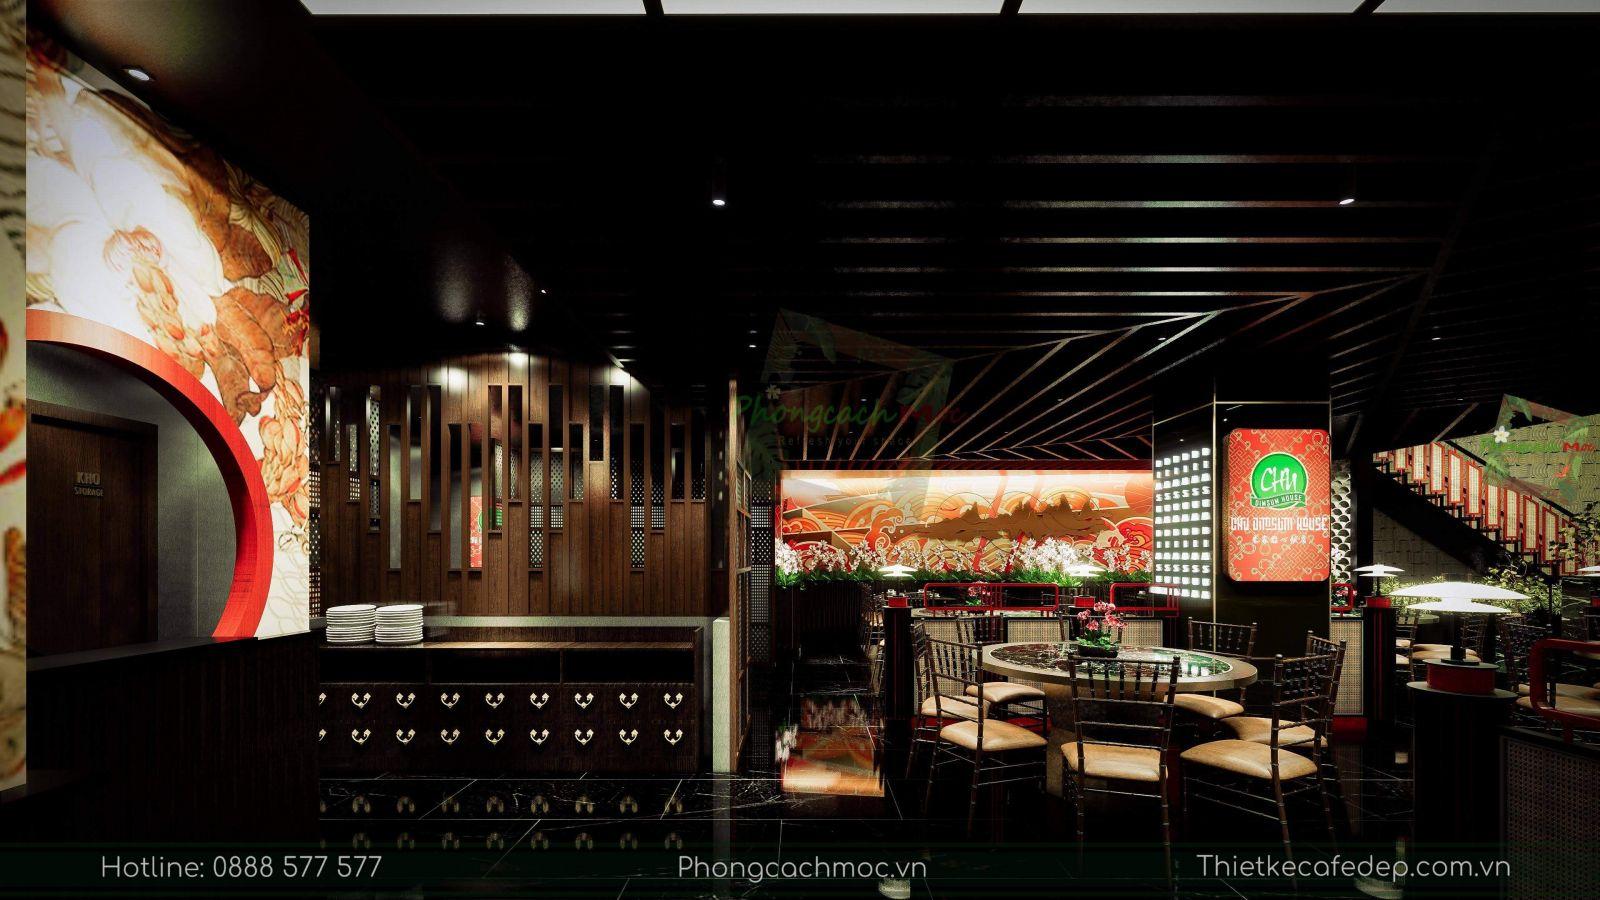 thiết kế nhà hàng trung hoa - chu dimsum house - 5